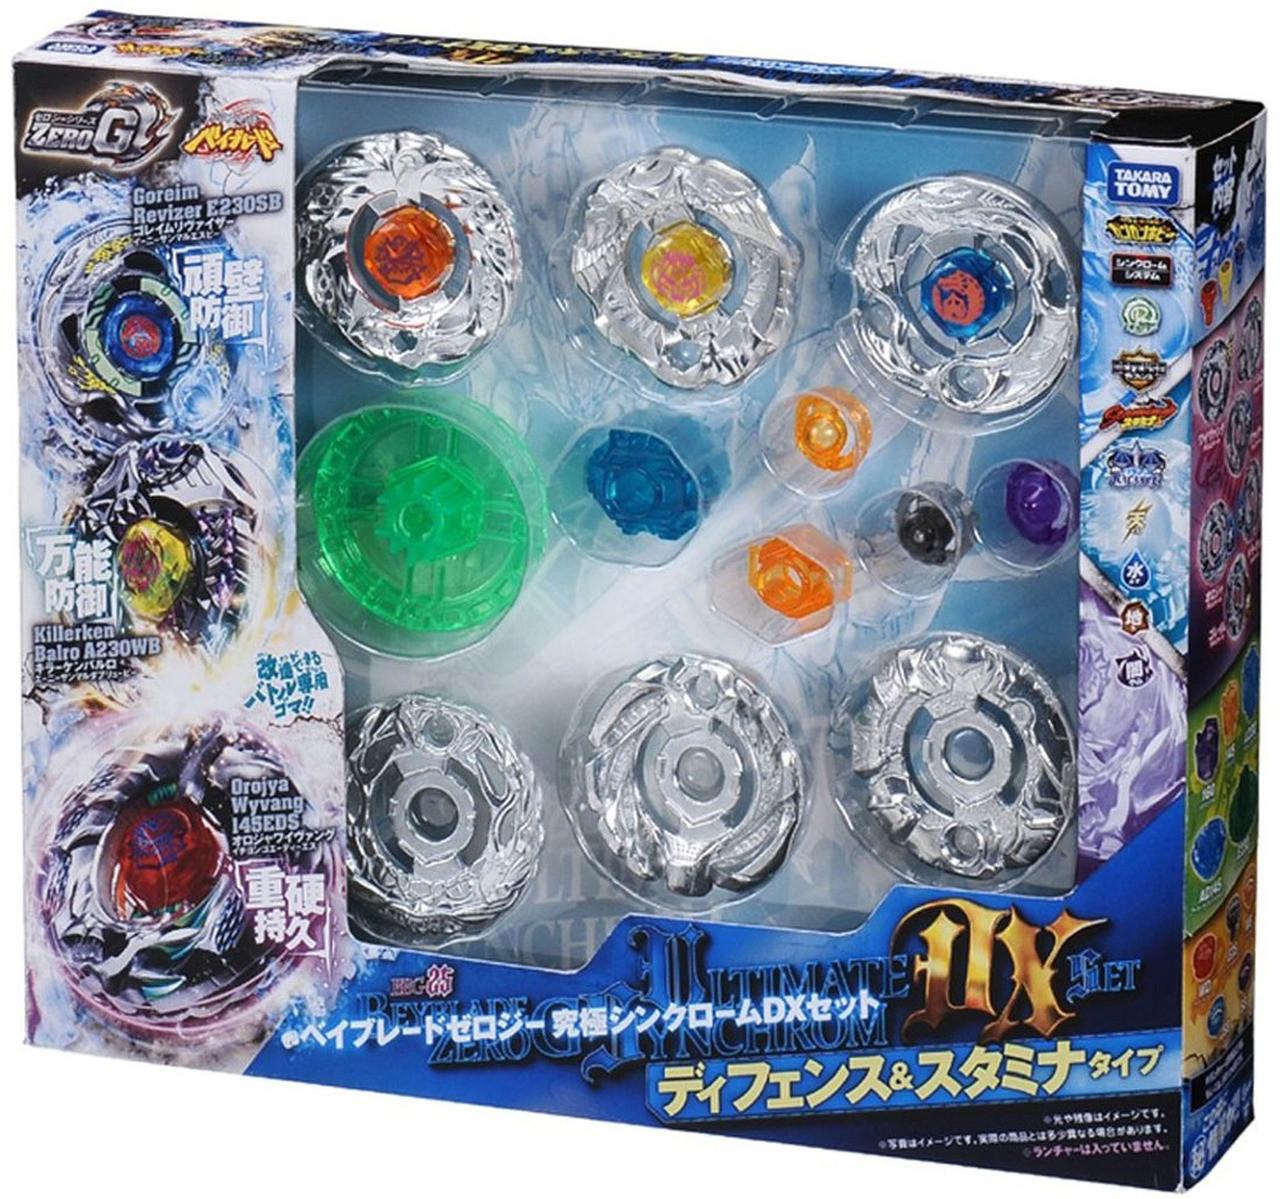 5er Set Toupie Pour Beyblade Metal Fusion Fury Zero G 4d Burst Arena 5er Set 26